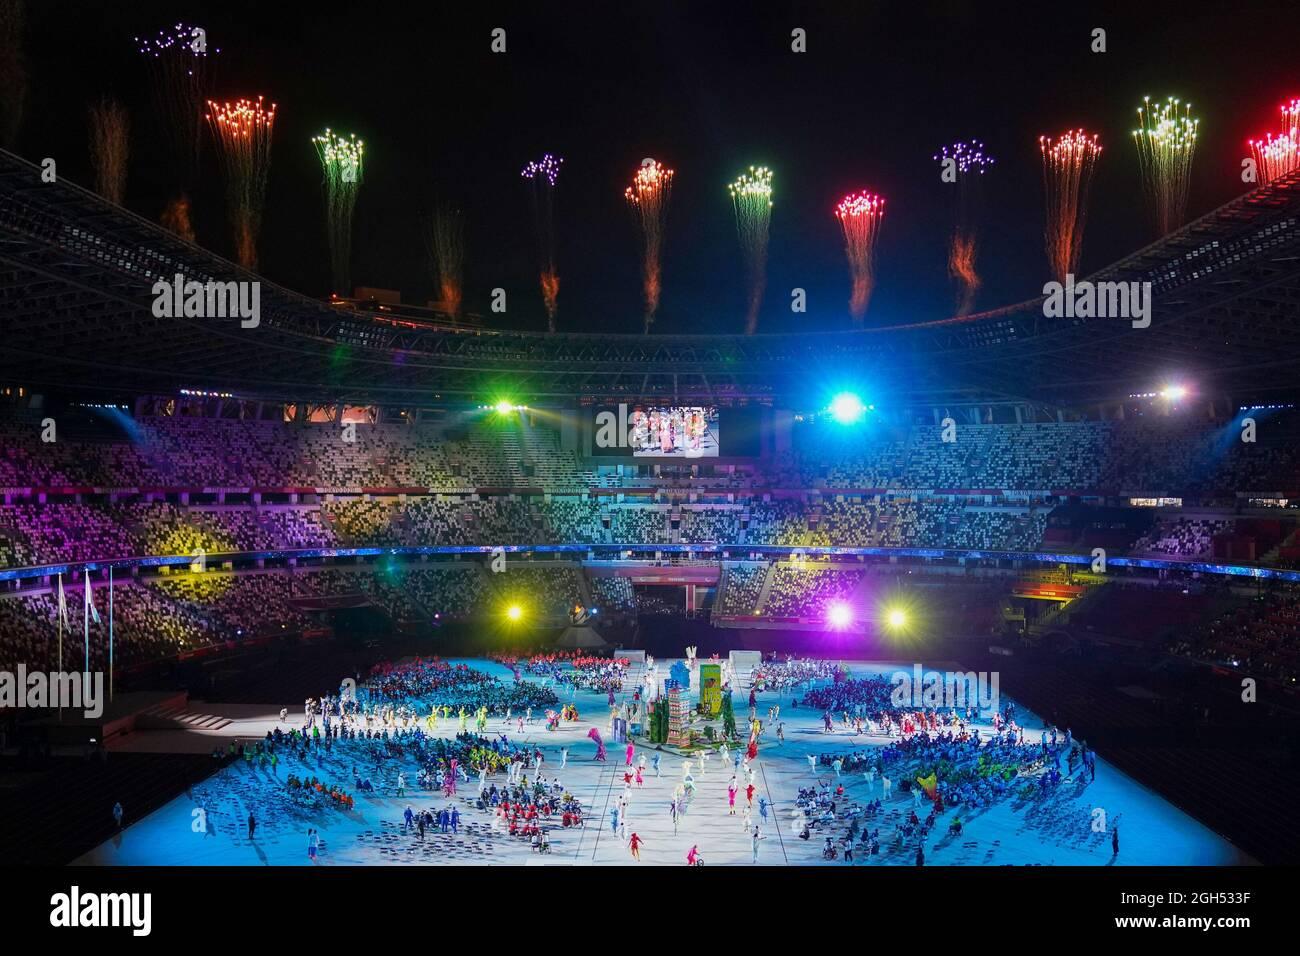 TOKYO, GIAPPONE - 5 SETTEMBRE: Fuochi d'artificio durante la cerimonia di chiusura dei Giochi Paralimpici di Tokyo 2020 allo Stadio Olimpico il 5 settembre 2021 a Tokyo, Giappone (Foto di Helene Wiesenhaan/Orange Pictures) NOCNSF Atletiekunie Credit: Orange Pics BV/Alamy Live News Foto Stock